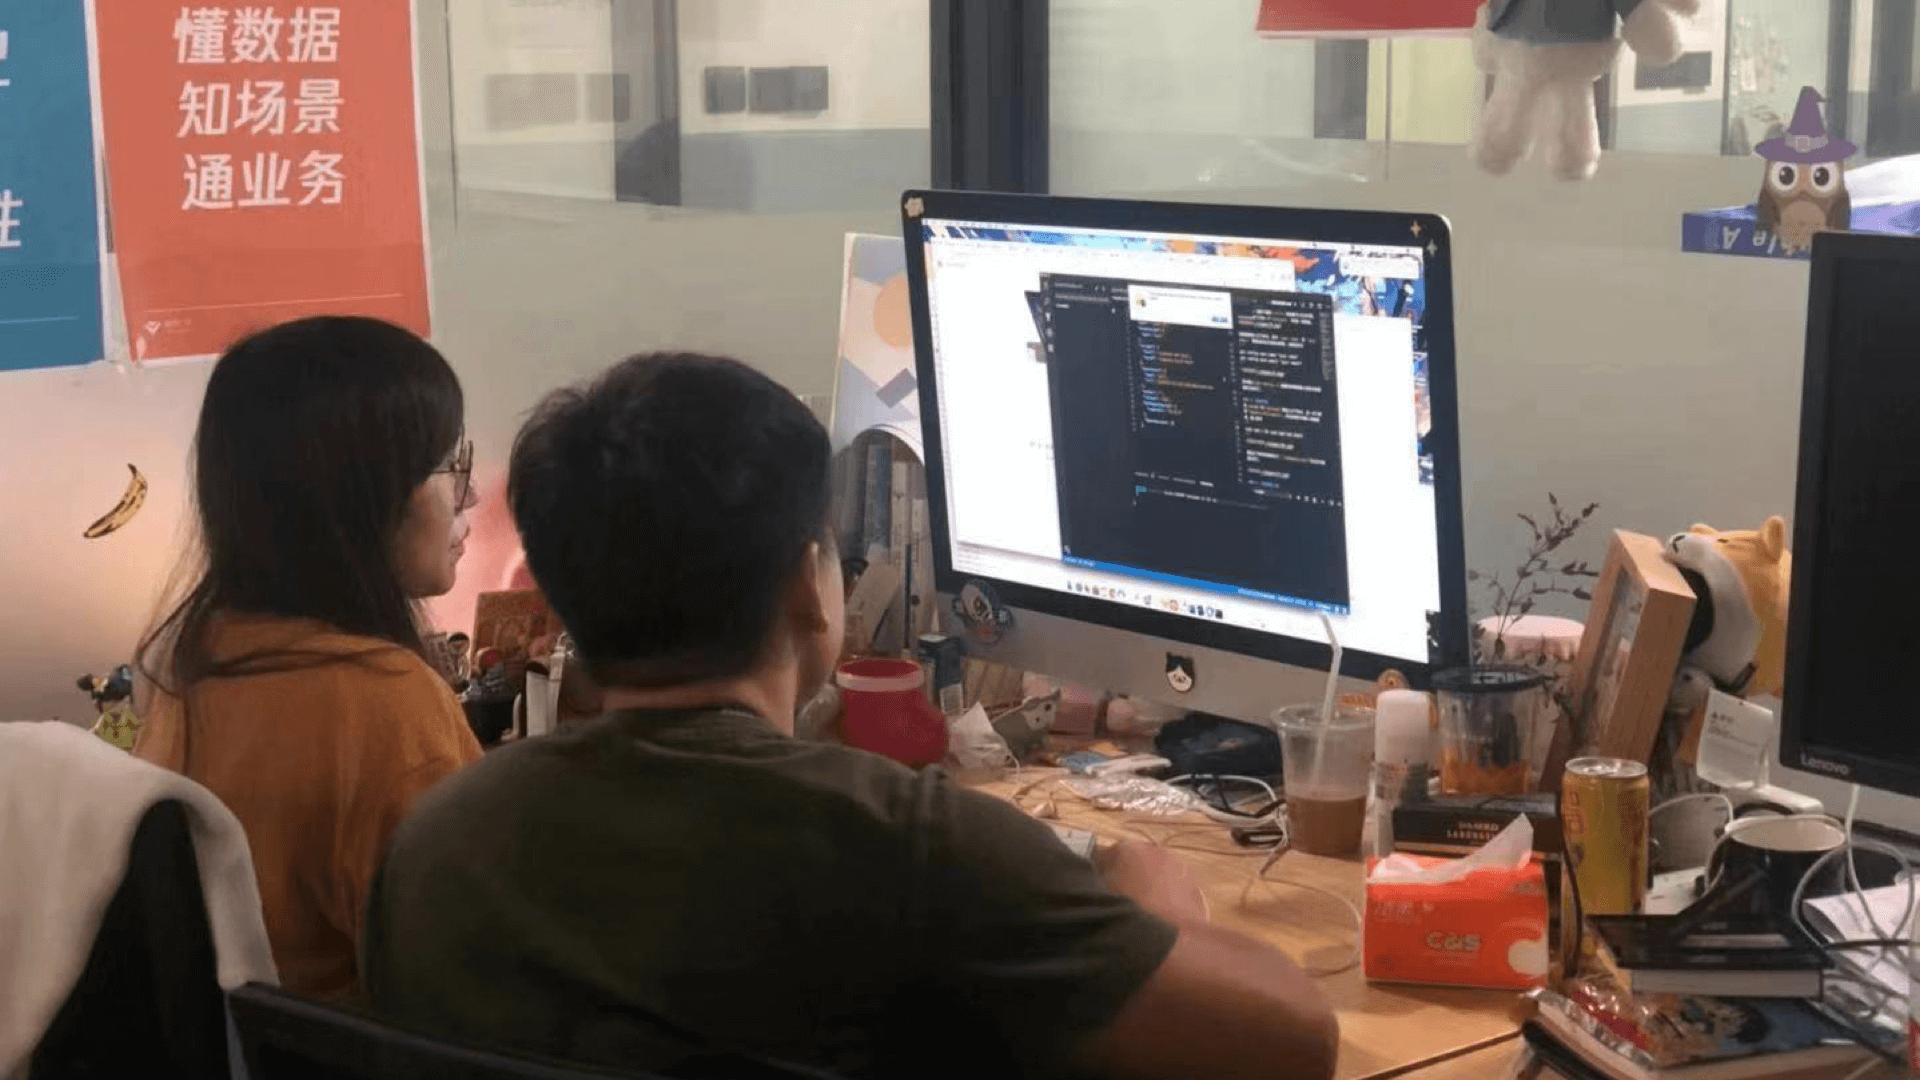 教设计师使用 Git